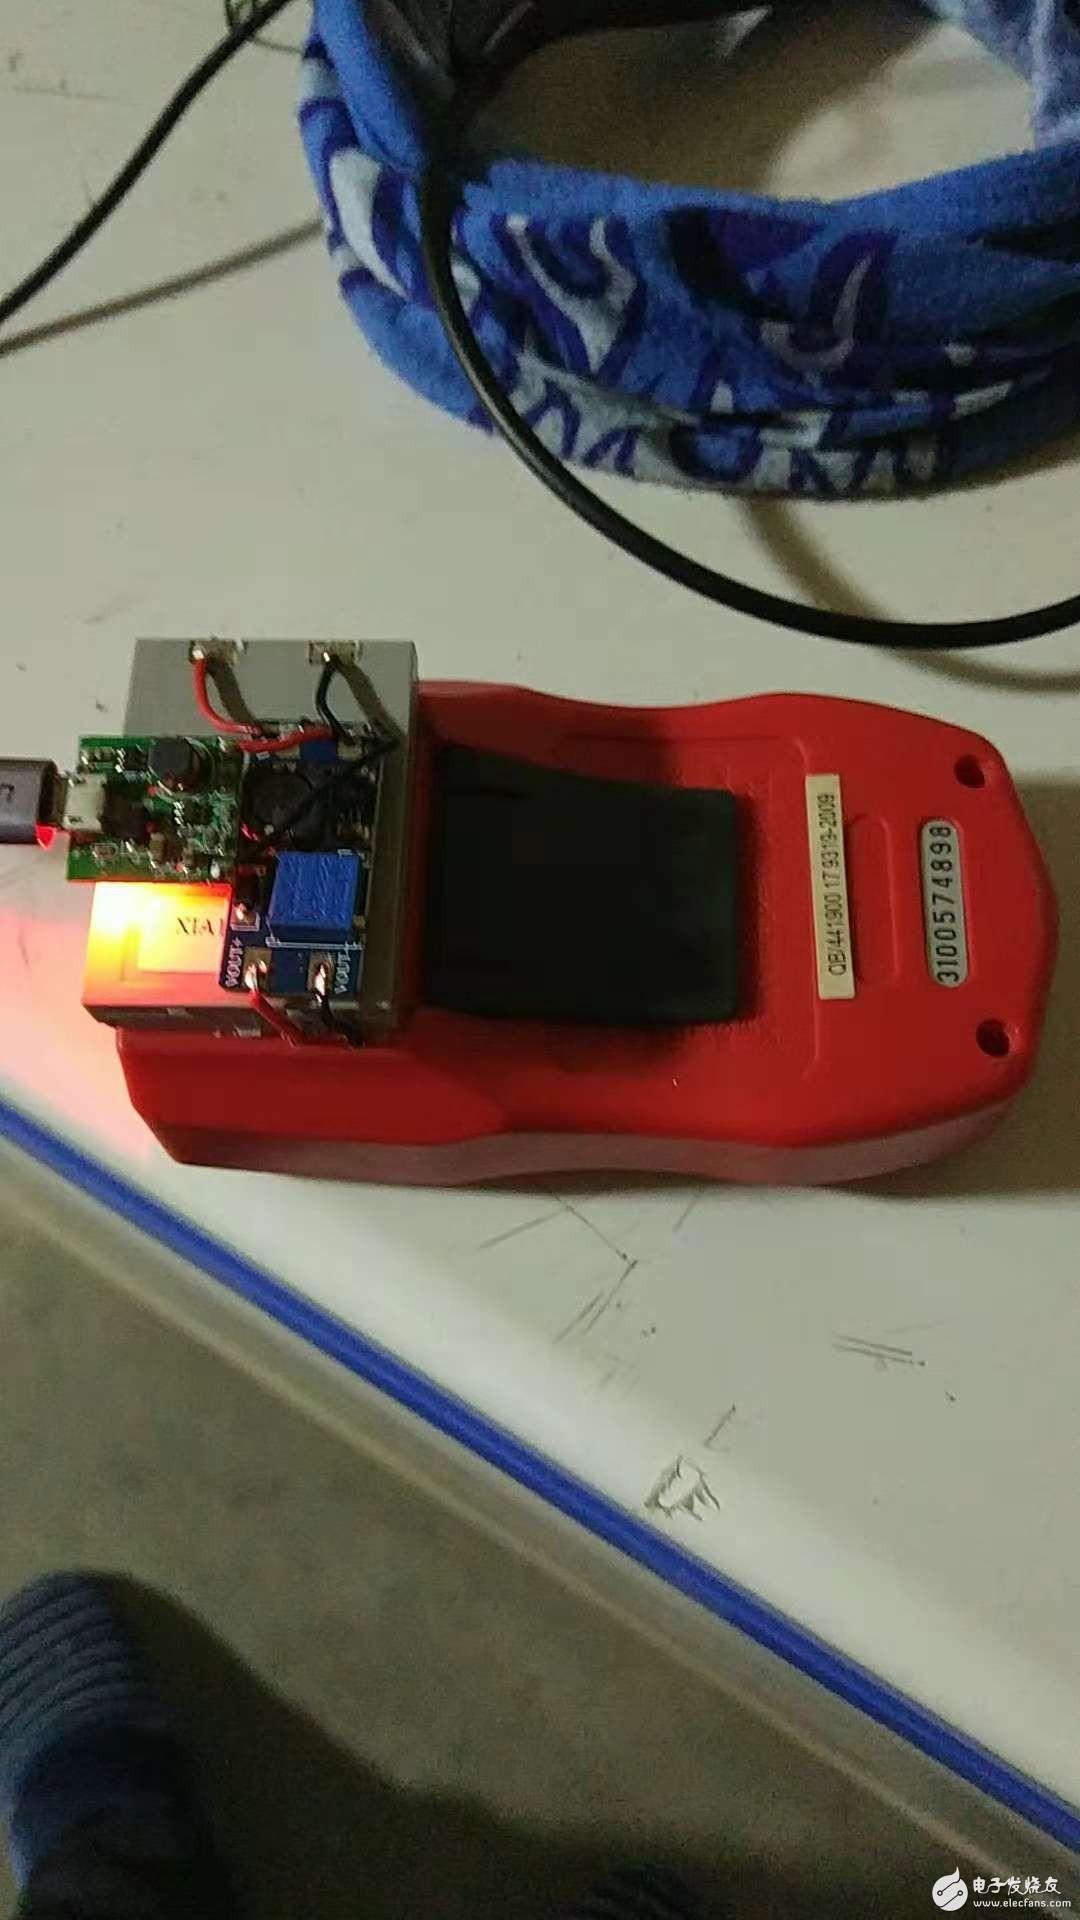 万用表电池没电了改改改